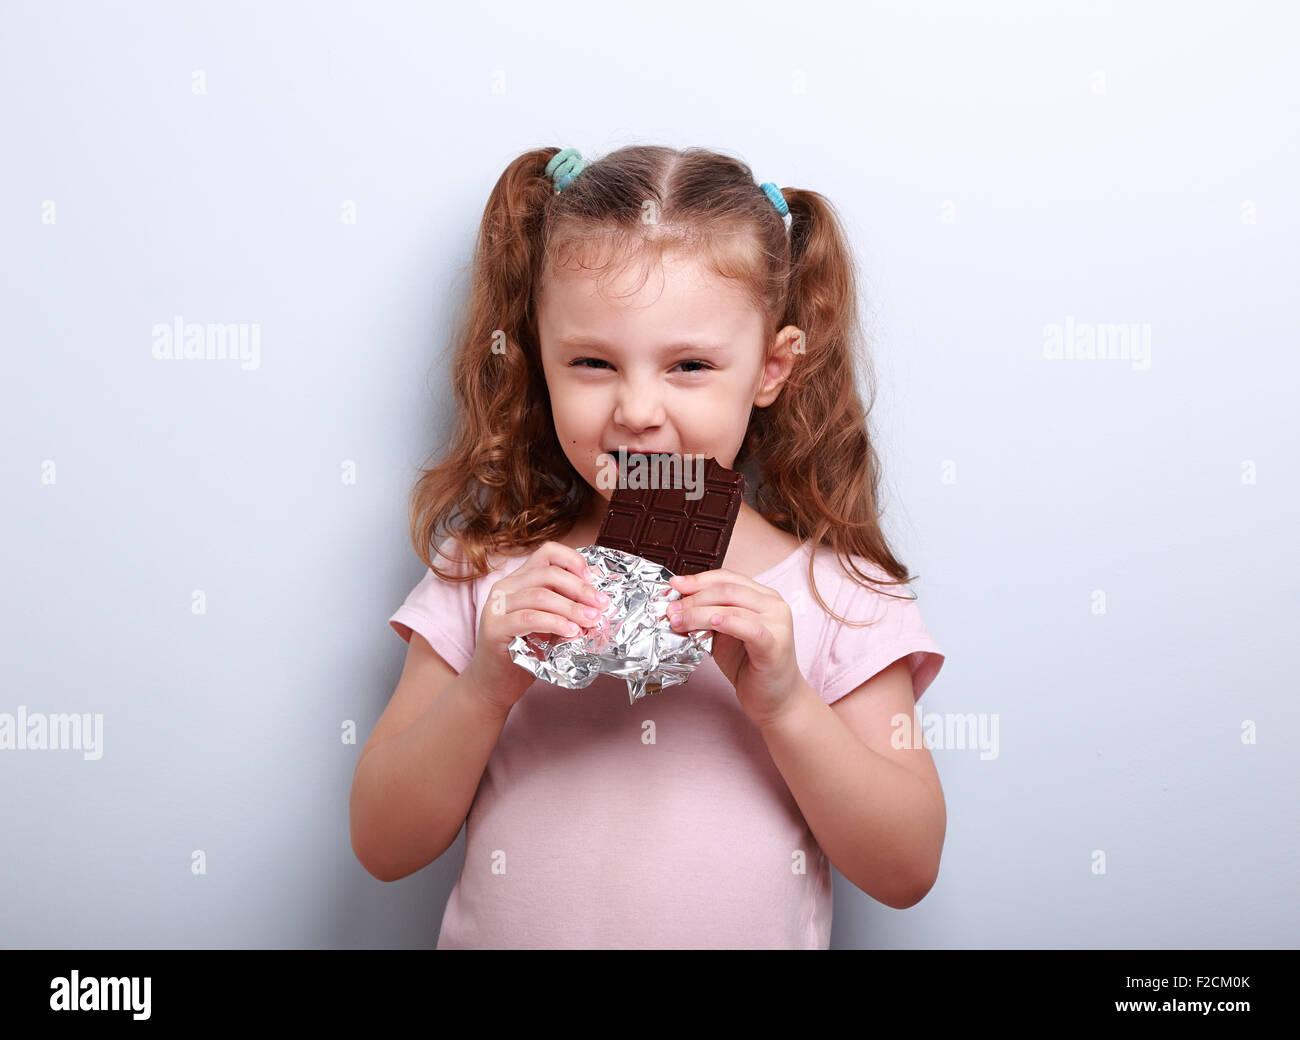 Relations sérieuses in Cunning kid girl eating chocolat foncé, regard curieux sur fond bleu Photo Stock